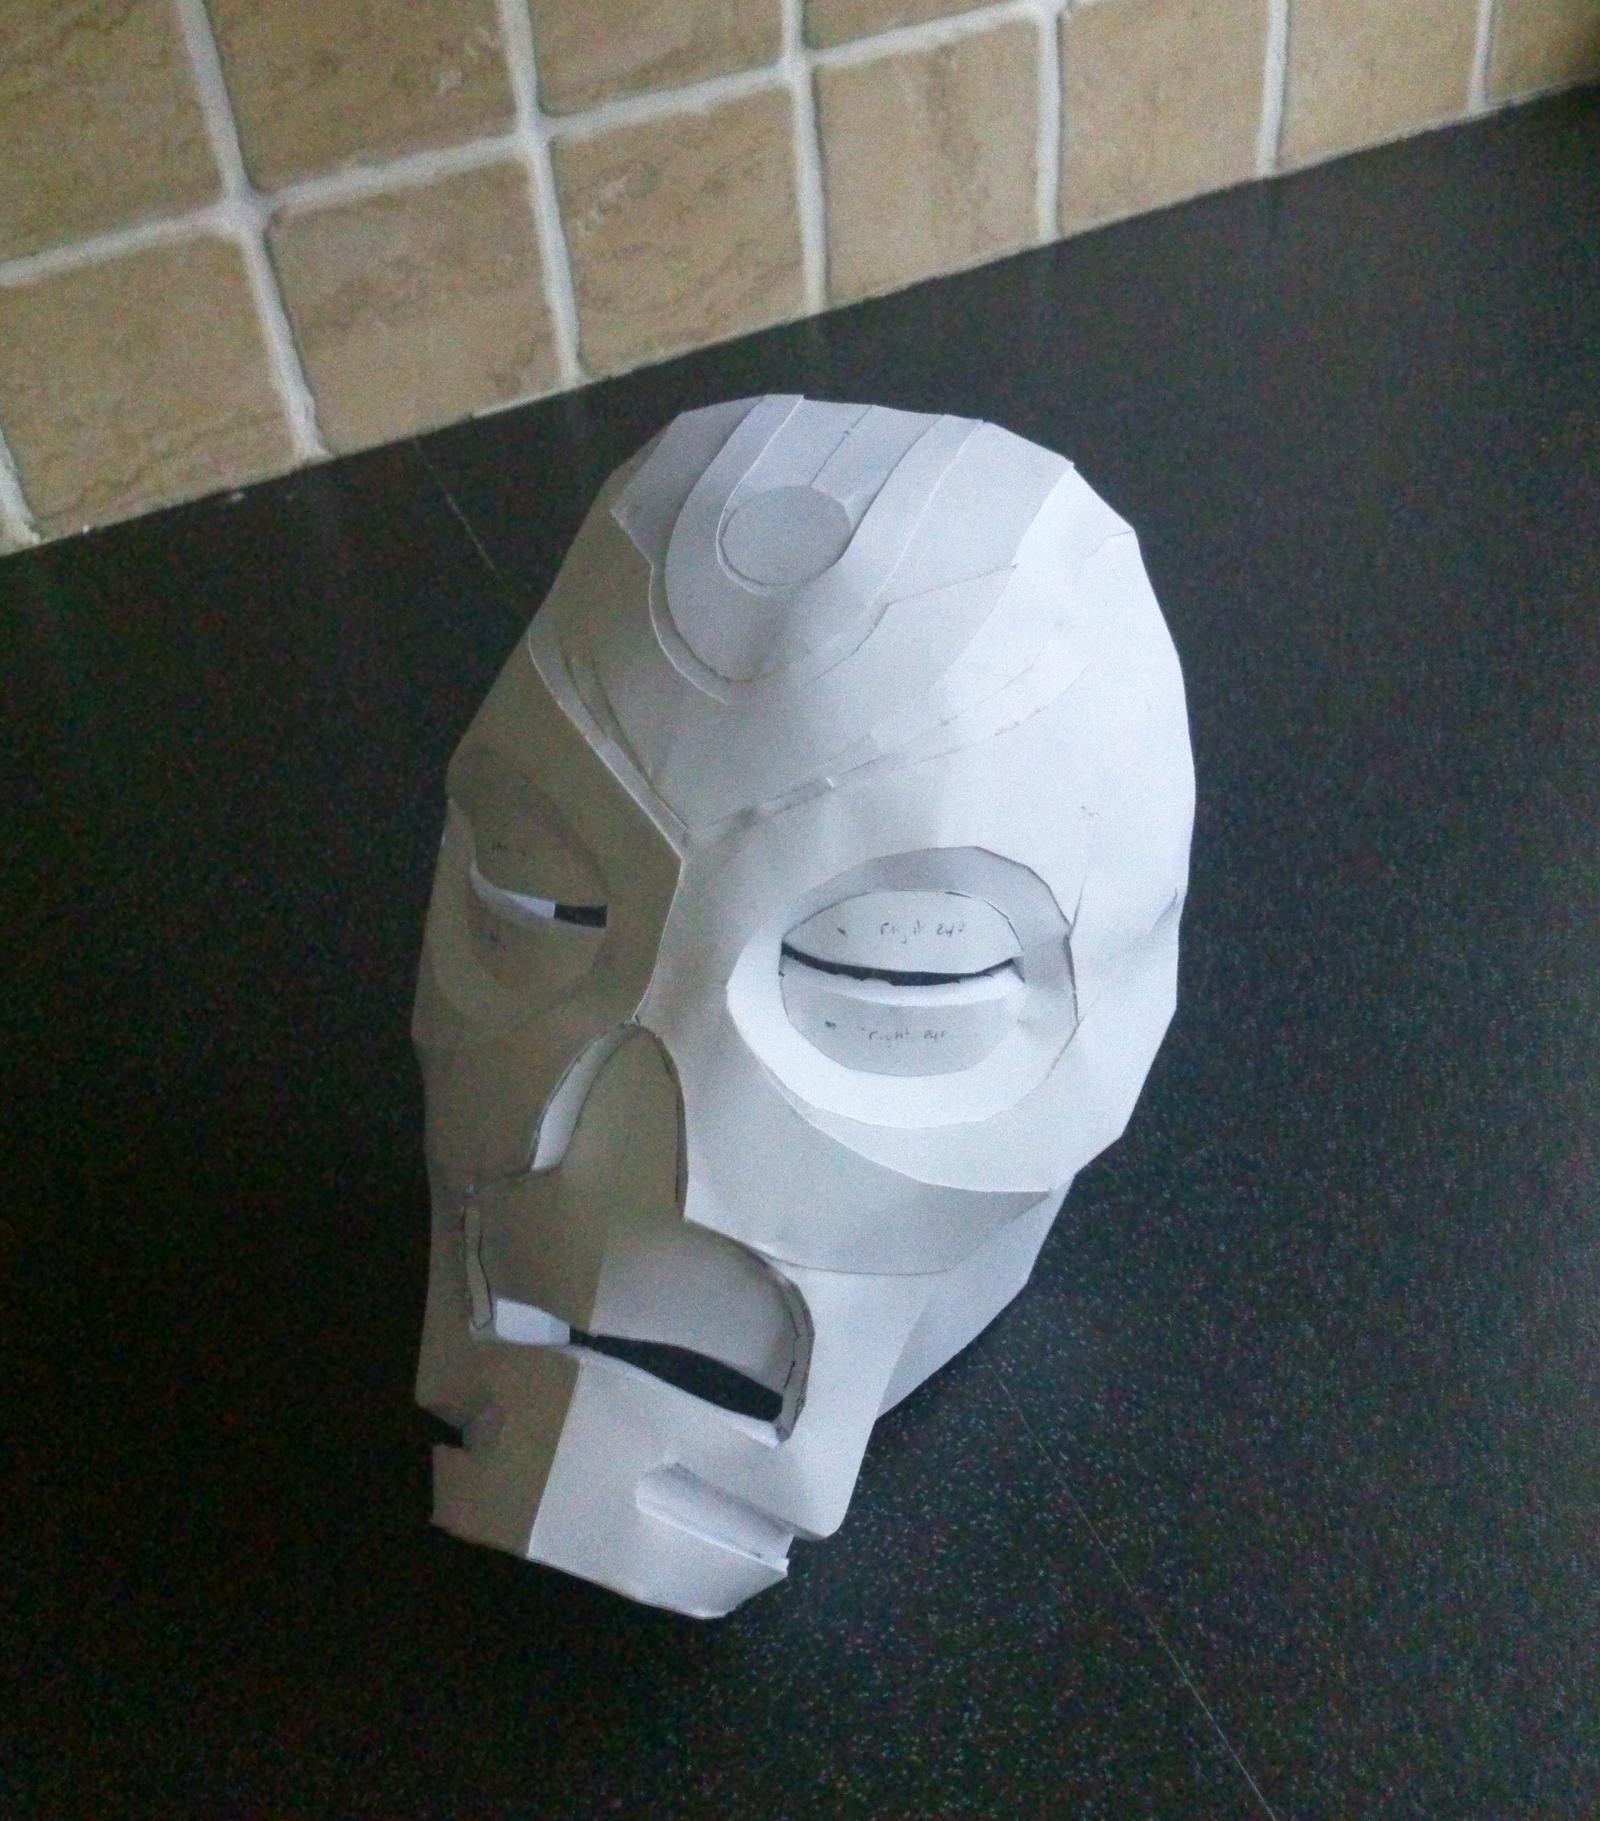 Skyrim Craft Mask Mod